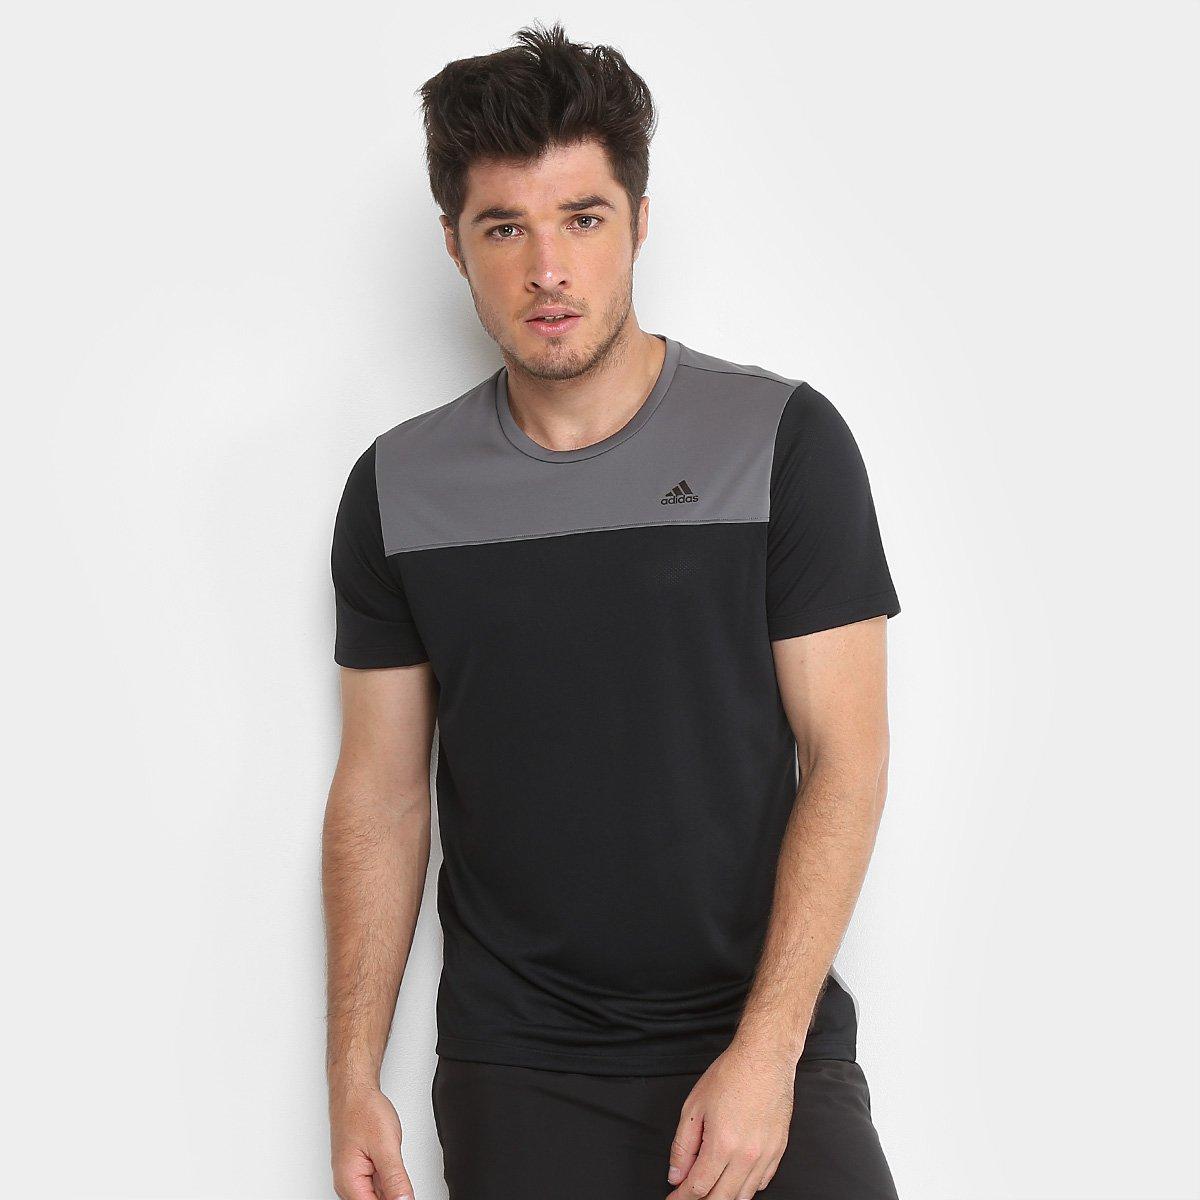 8c087765f Camiseta Adidas New Breath Masculina - Preto - Compre Agora